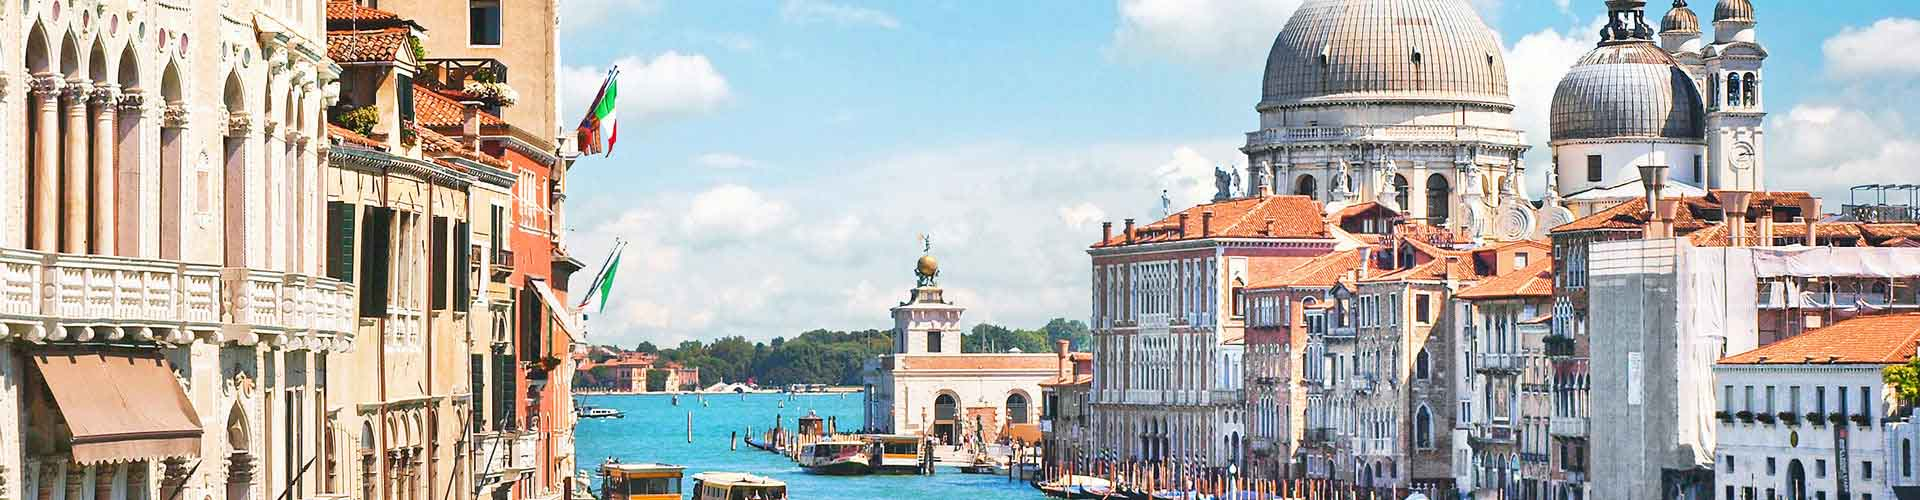 Venedig - Zimmer nahe Bahnhof Venezia Mestre. Venedig auf der Karte. Fotos und Bewertungen für jedes Zimmer in Venedig.